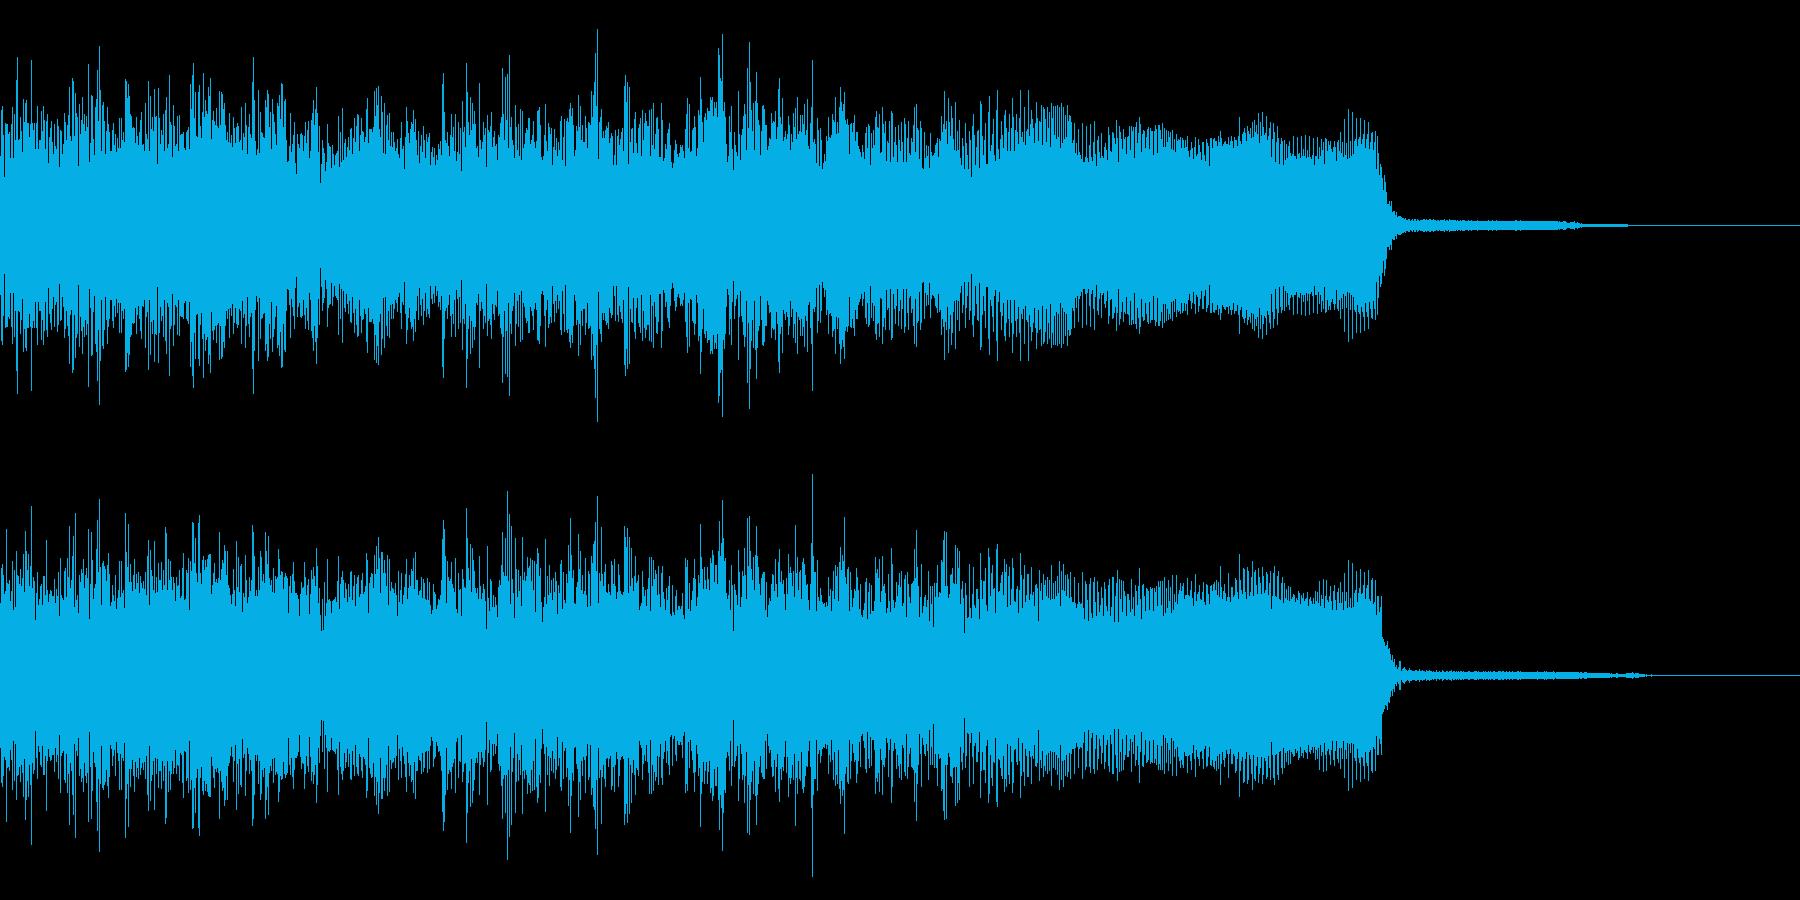 メタル系ジングル ネオクラシカル 切替の再生済みの波形